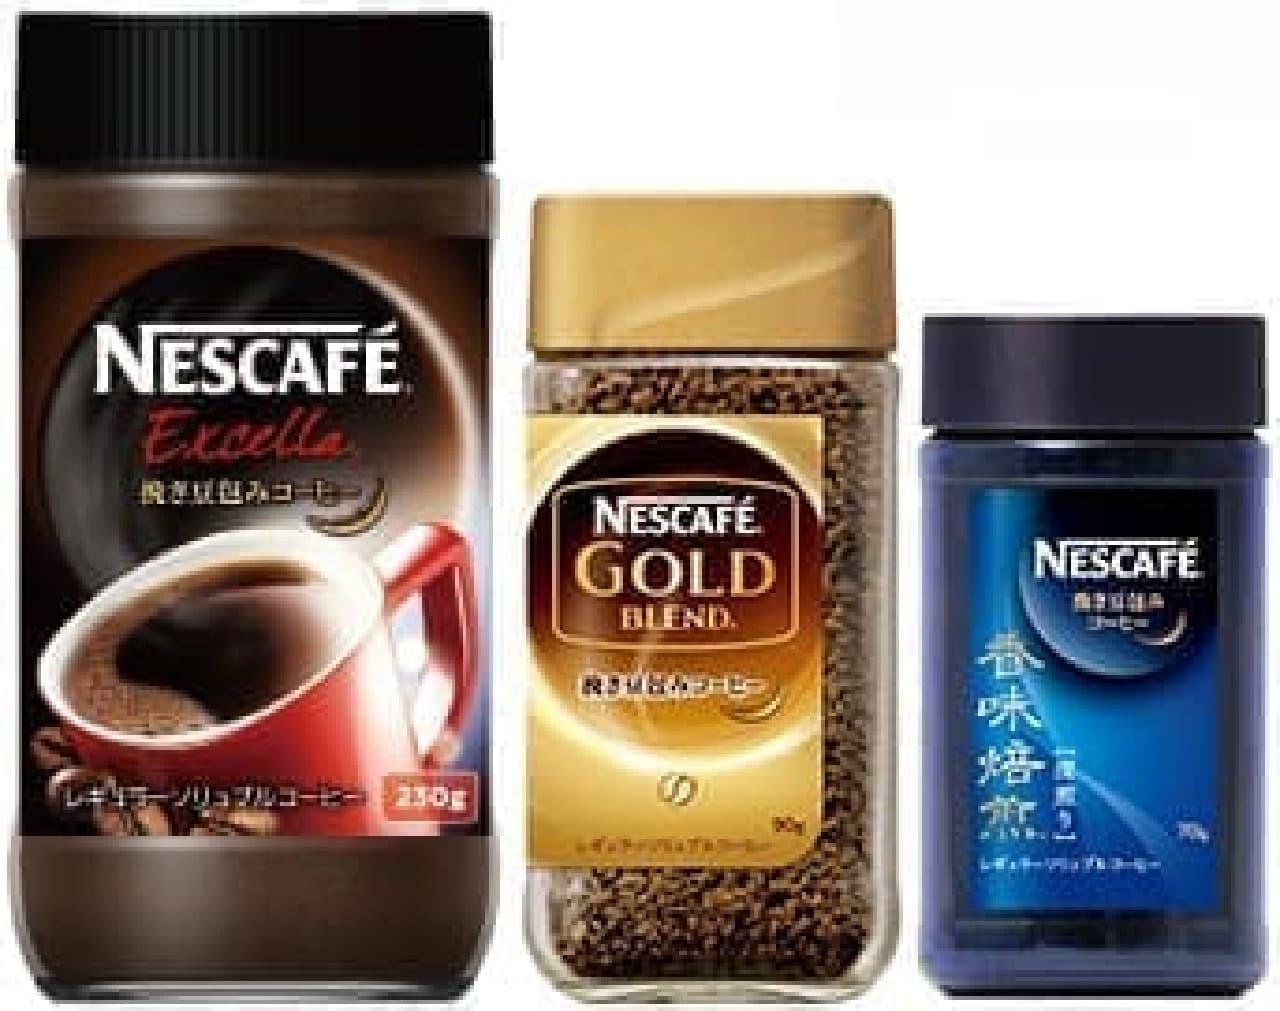 ネスレ日本の「レギュラーソリュブルコーヒー」ラインナップ